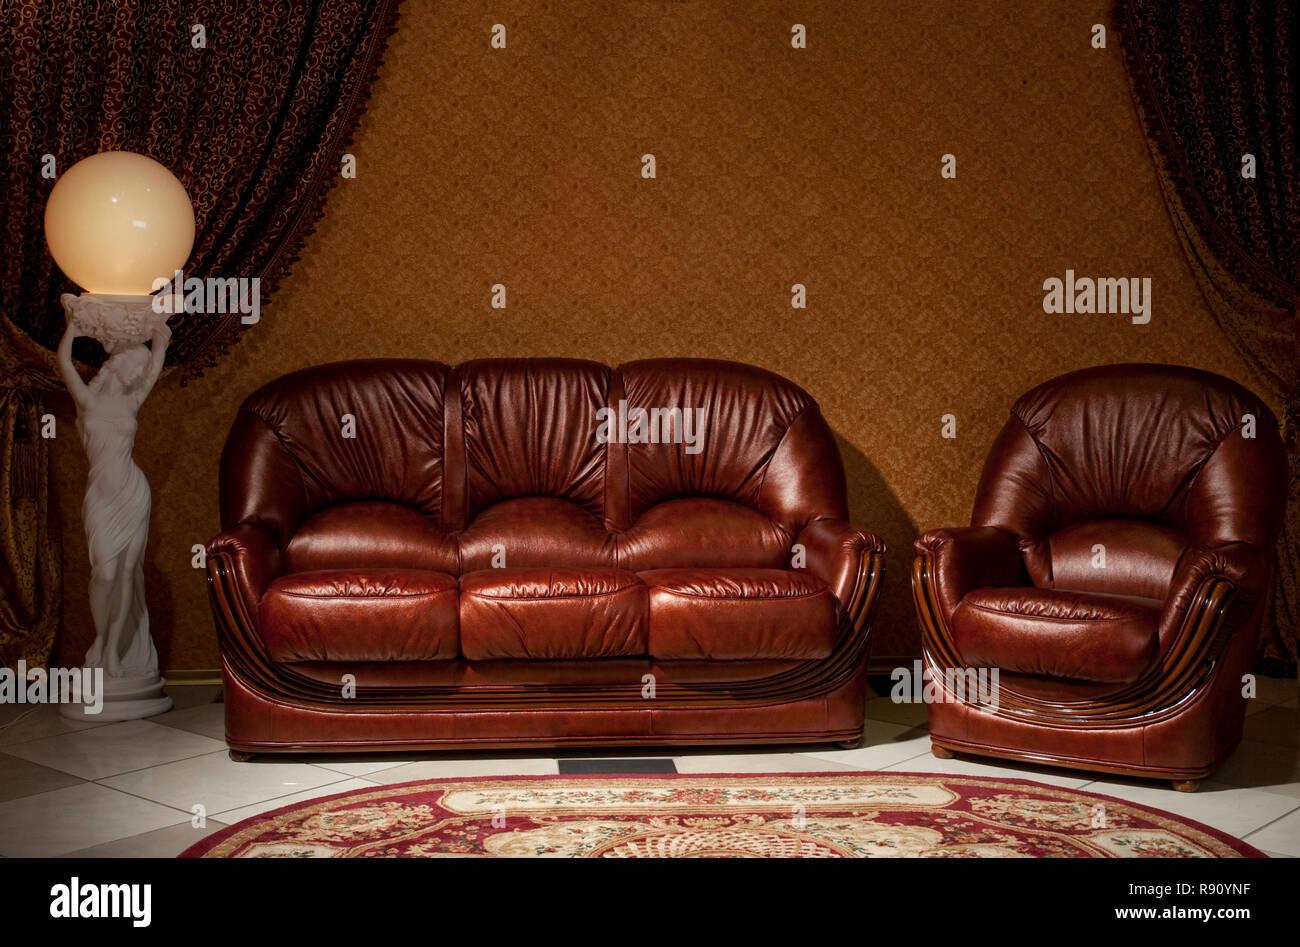 Sehr Warmes Leder Stockfotos & Warmes Leder Bilder - Alamy ZN21